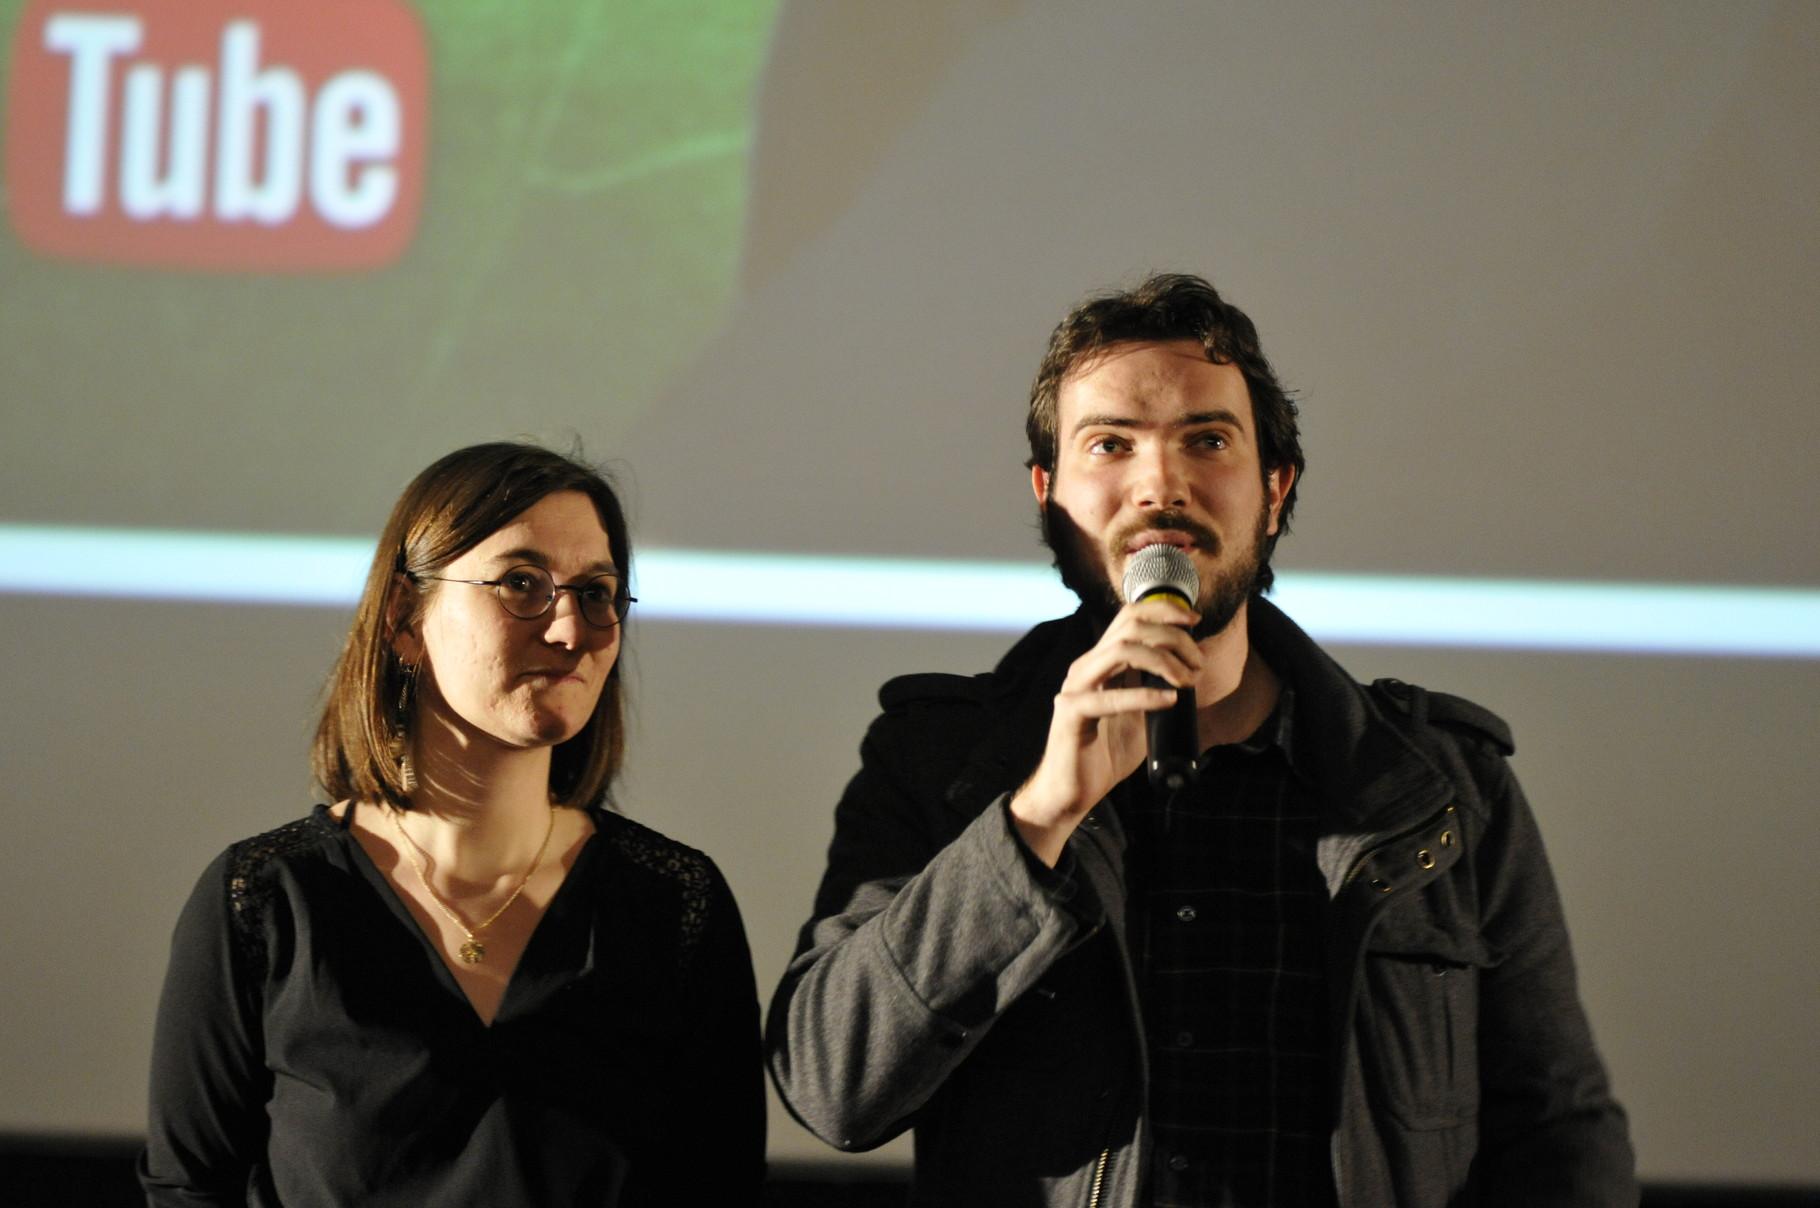 Fabien Campaner et Lucie Card présentent Les Archéologues - Les Clichés de l'Histoire au Cinéma, qui obtiendra une mention spéciale du jury